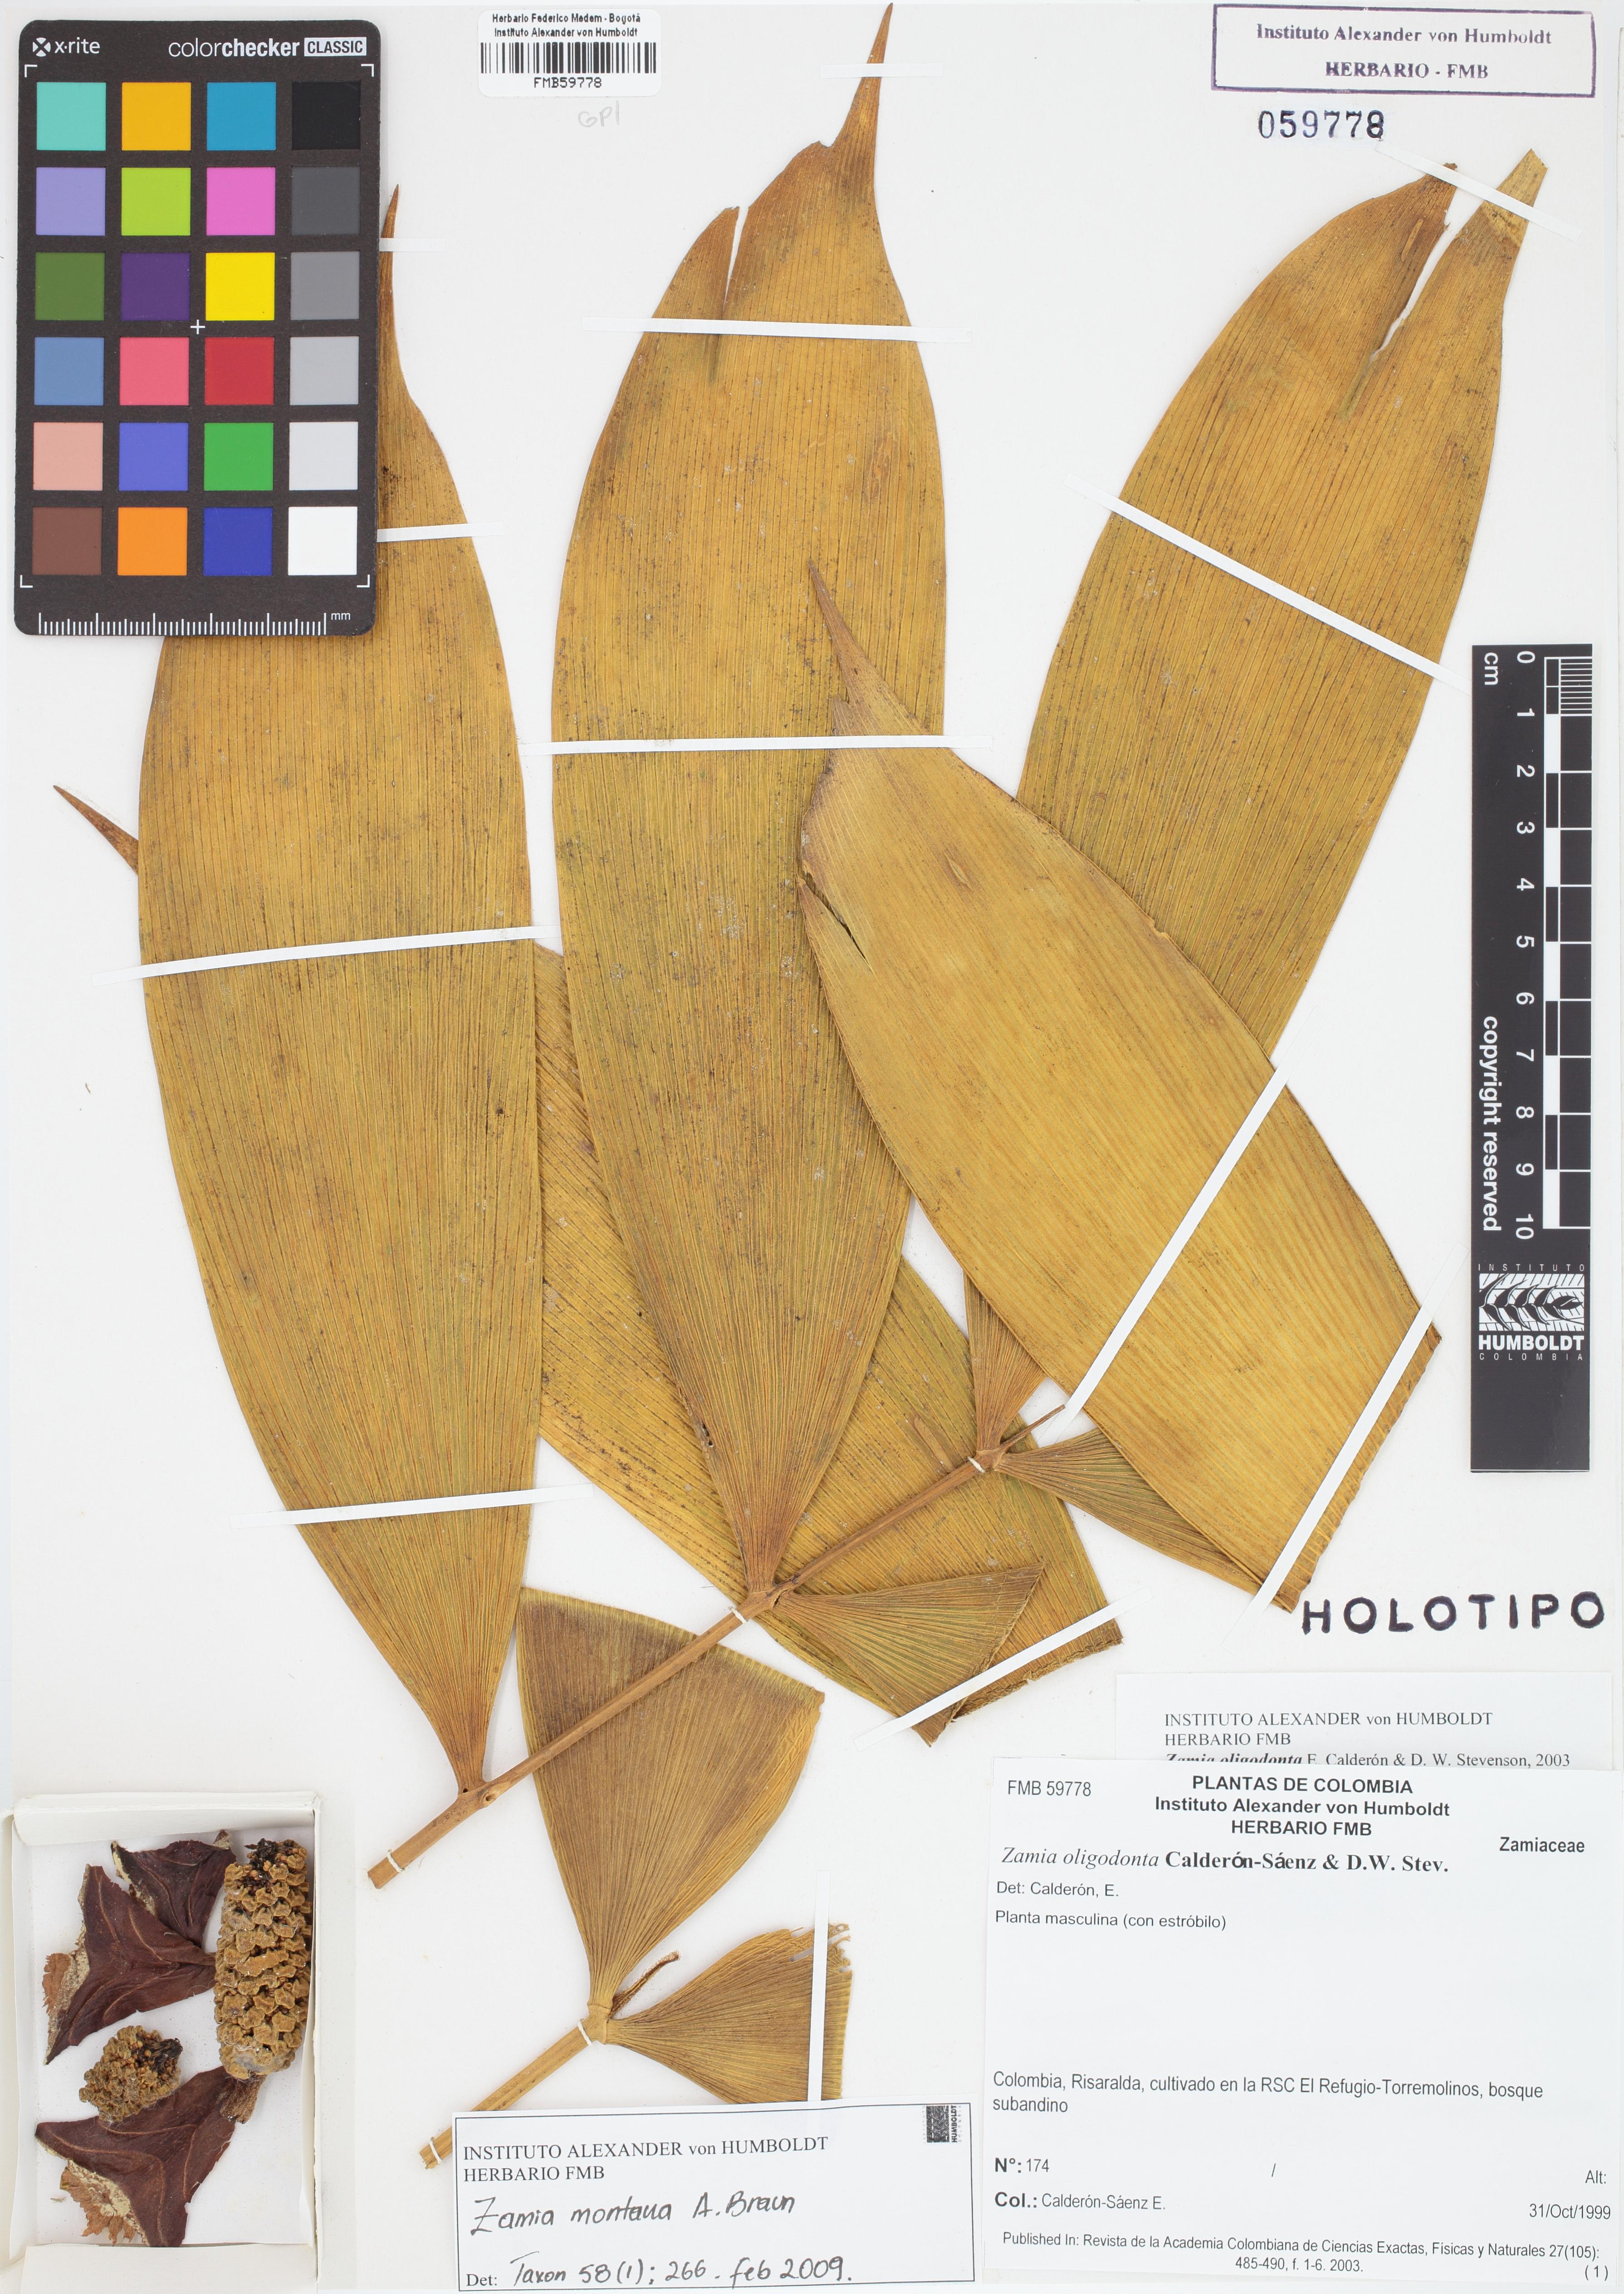 Holotipo de <em>Zamia oligodonta</em>, FMB-59778, Fotografía por Robles A.